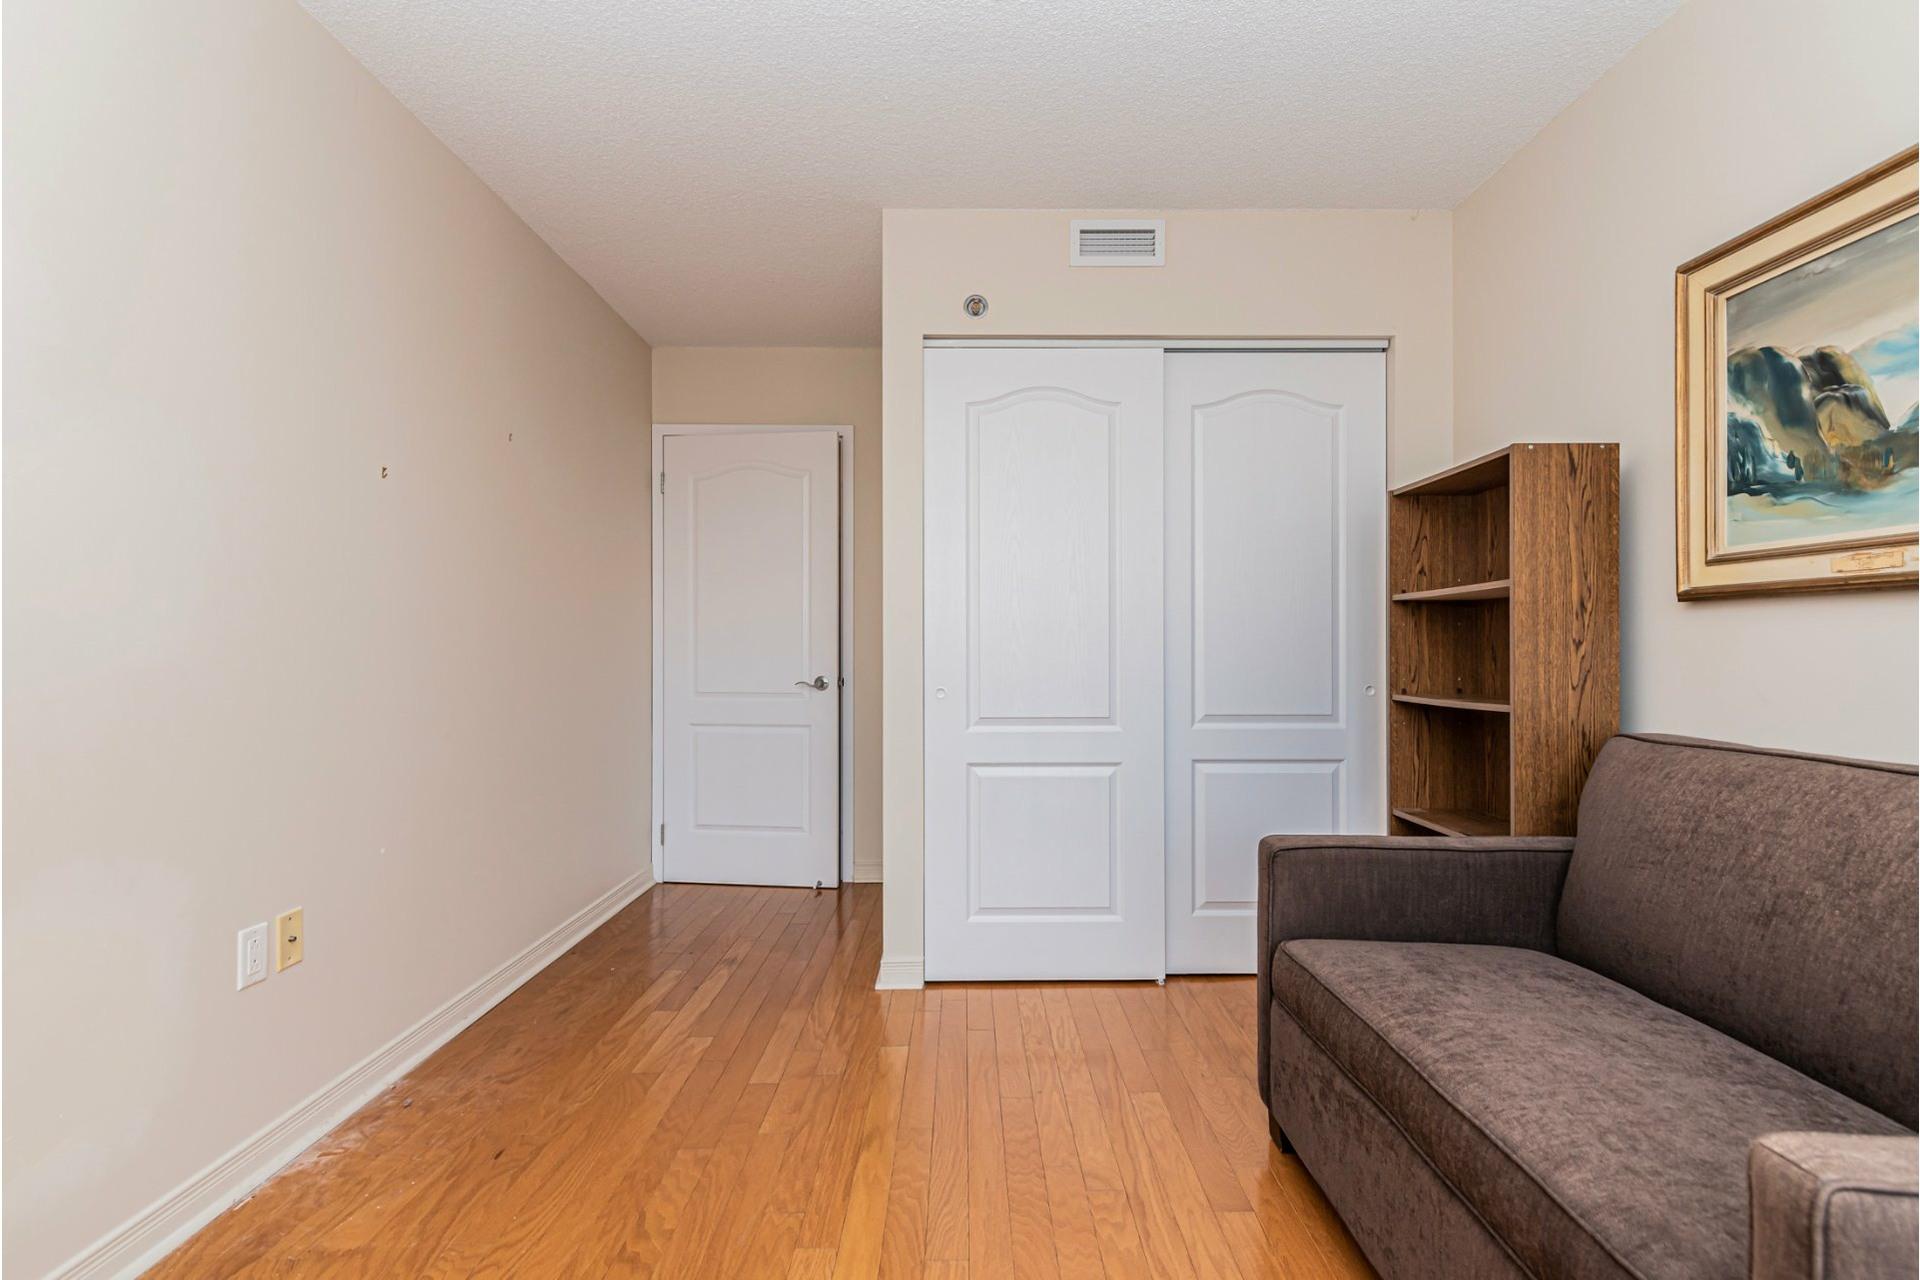 image 21 - Apartment For sale Lachine Montréal  - 7 rooms